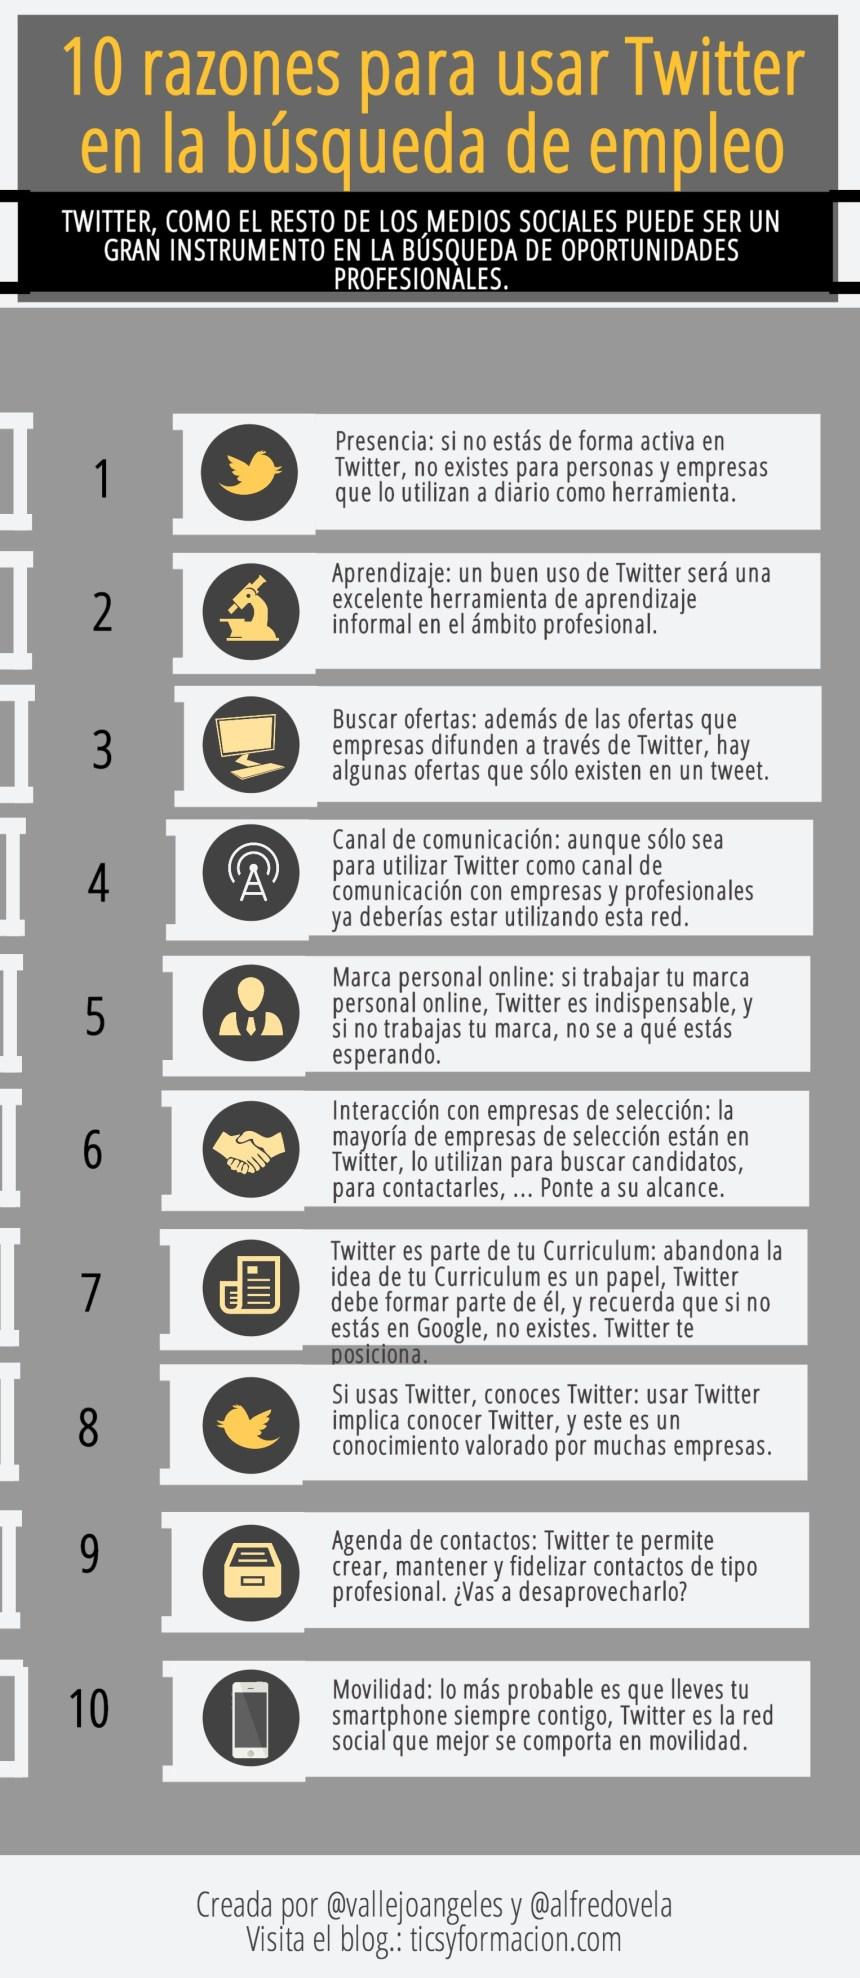 10 razones para usar Twitter en la búsqueda de #empleo